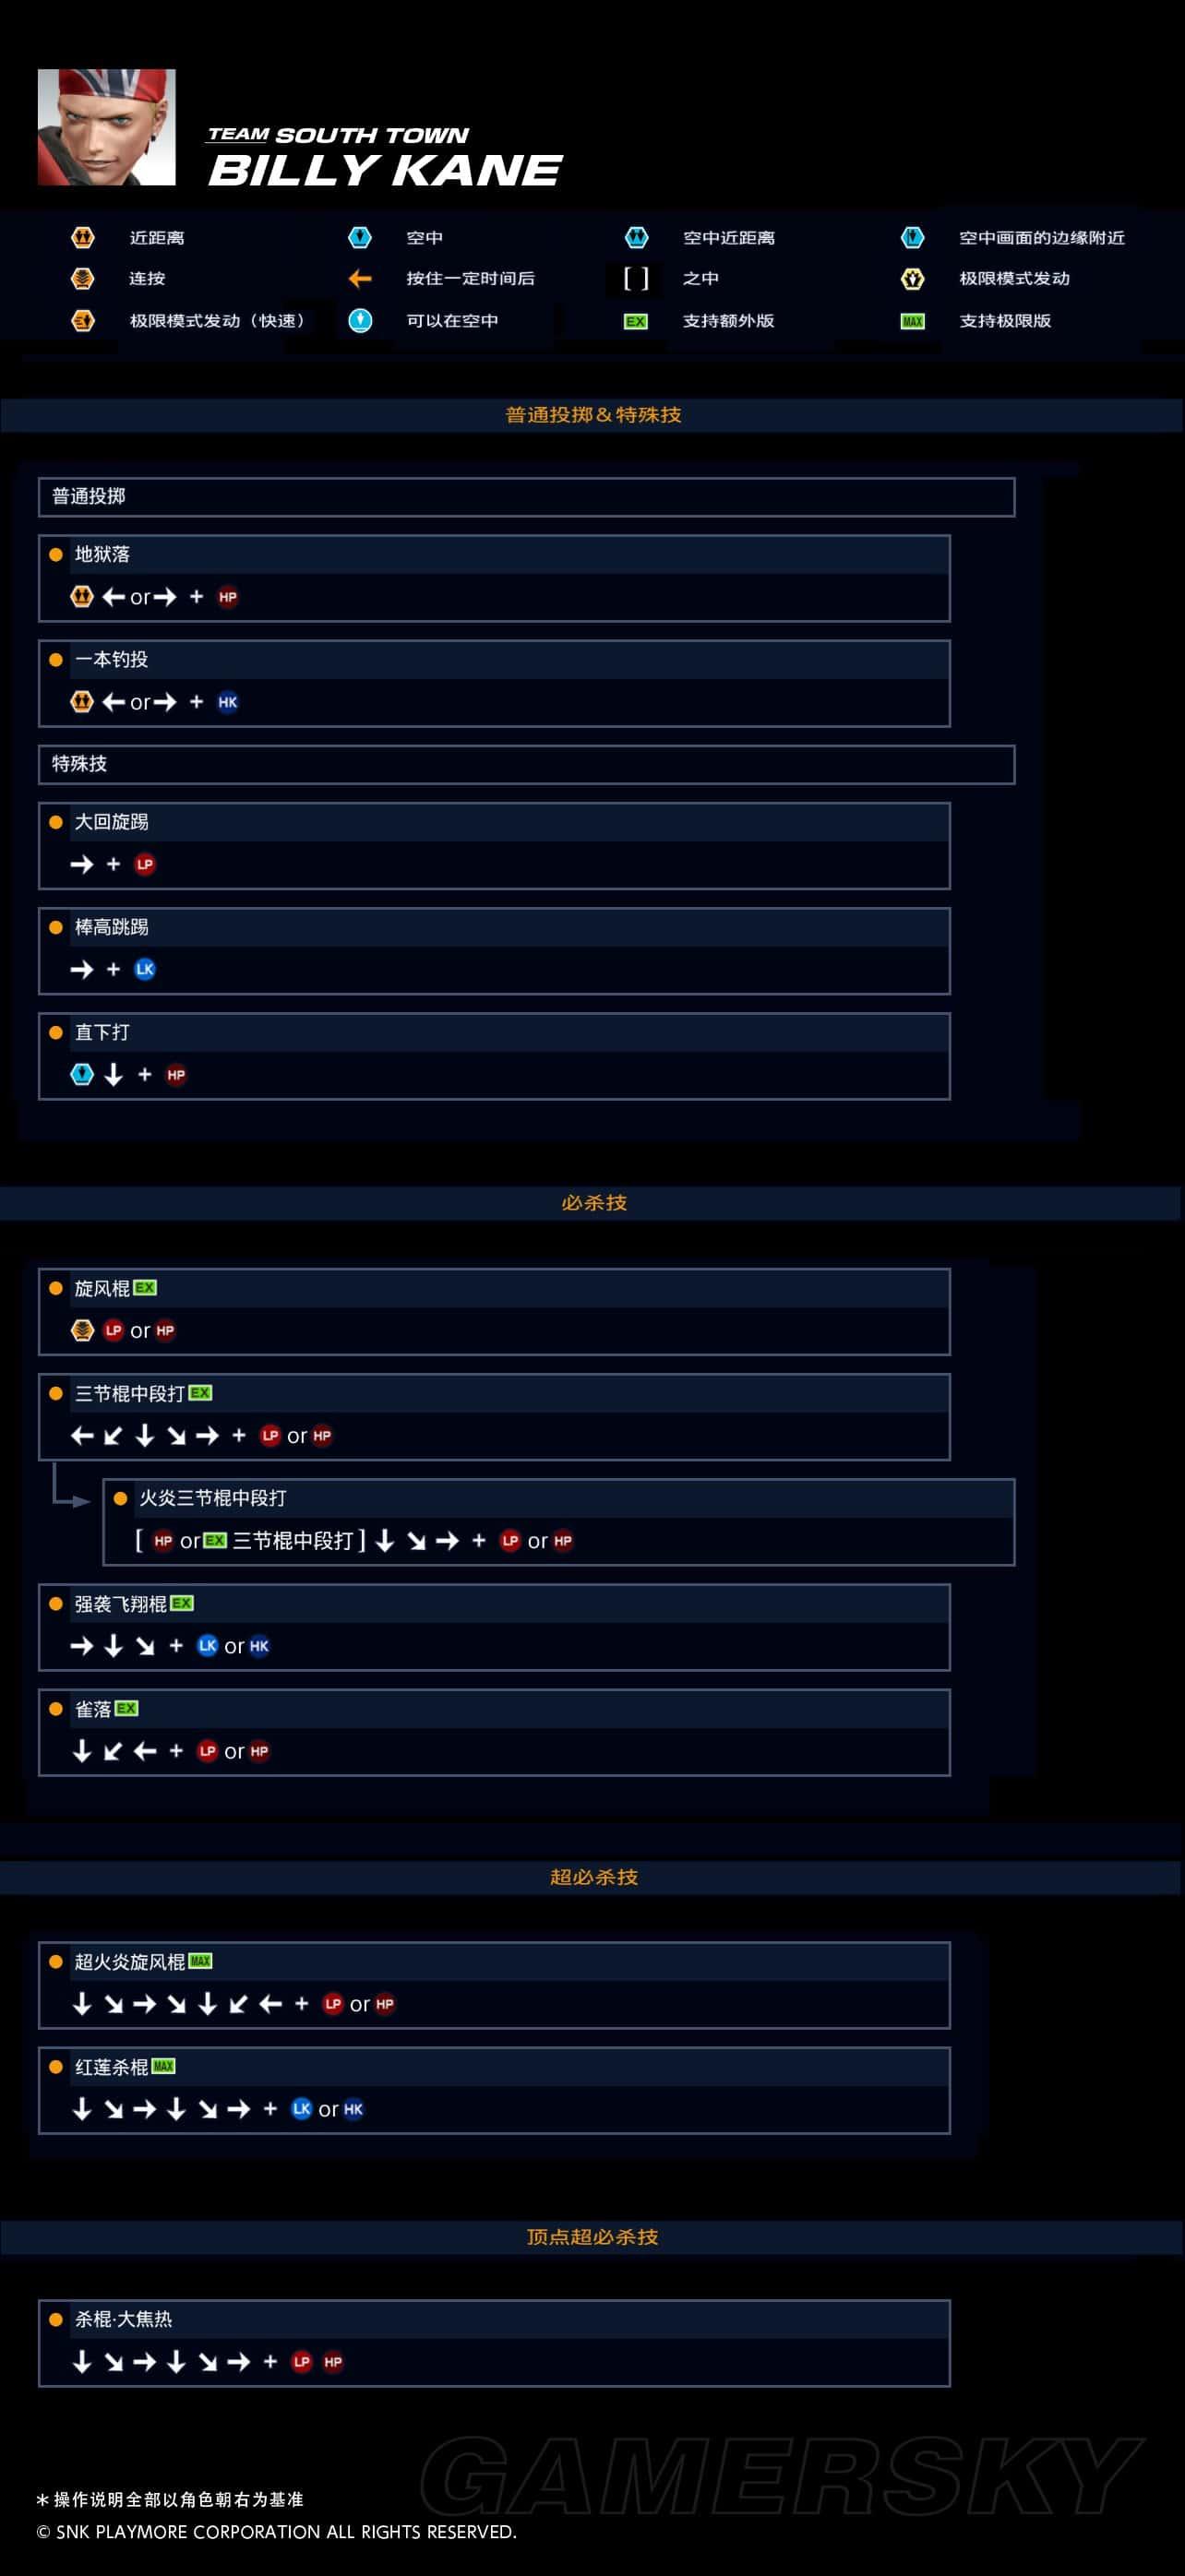 拳皇14 角色出招表及背景資料